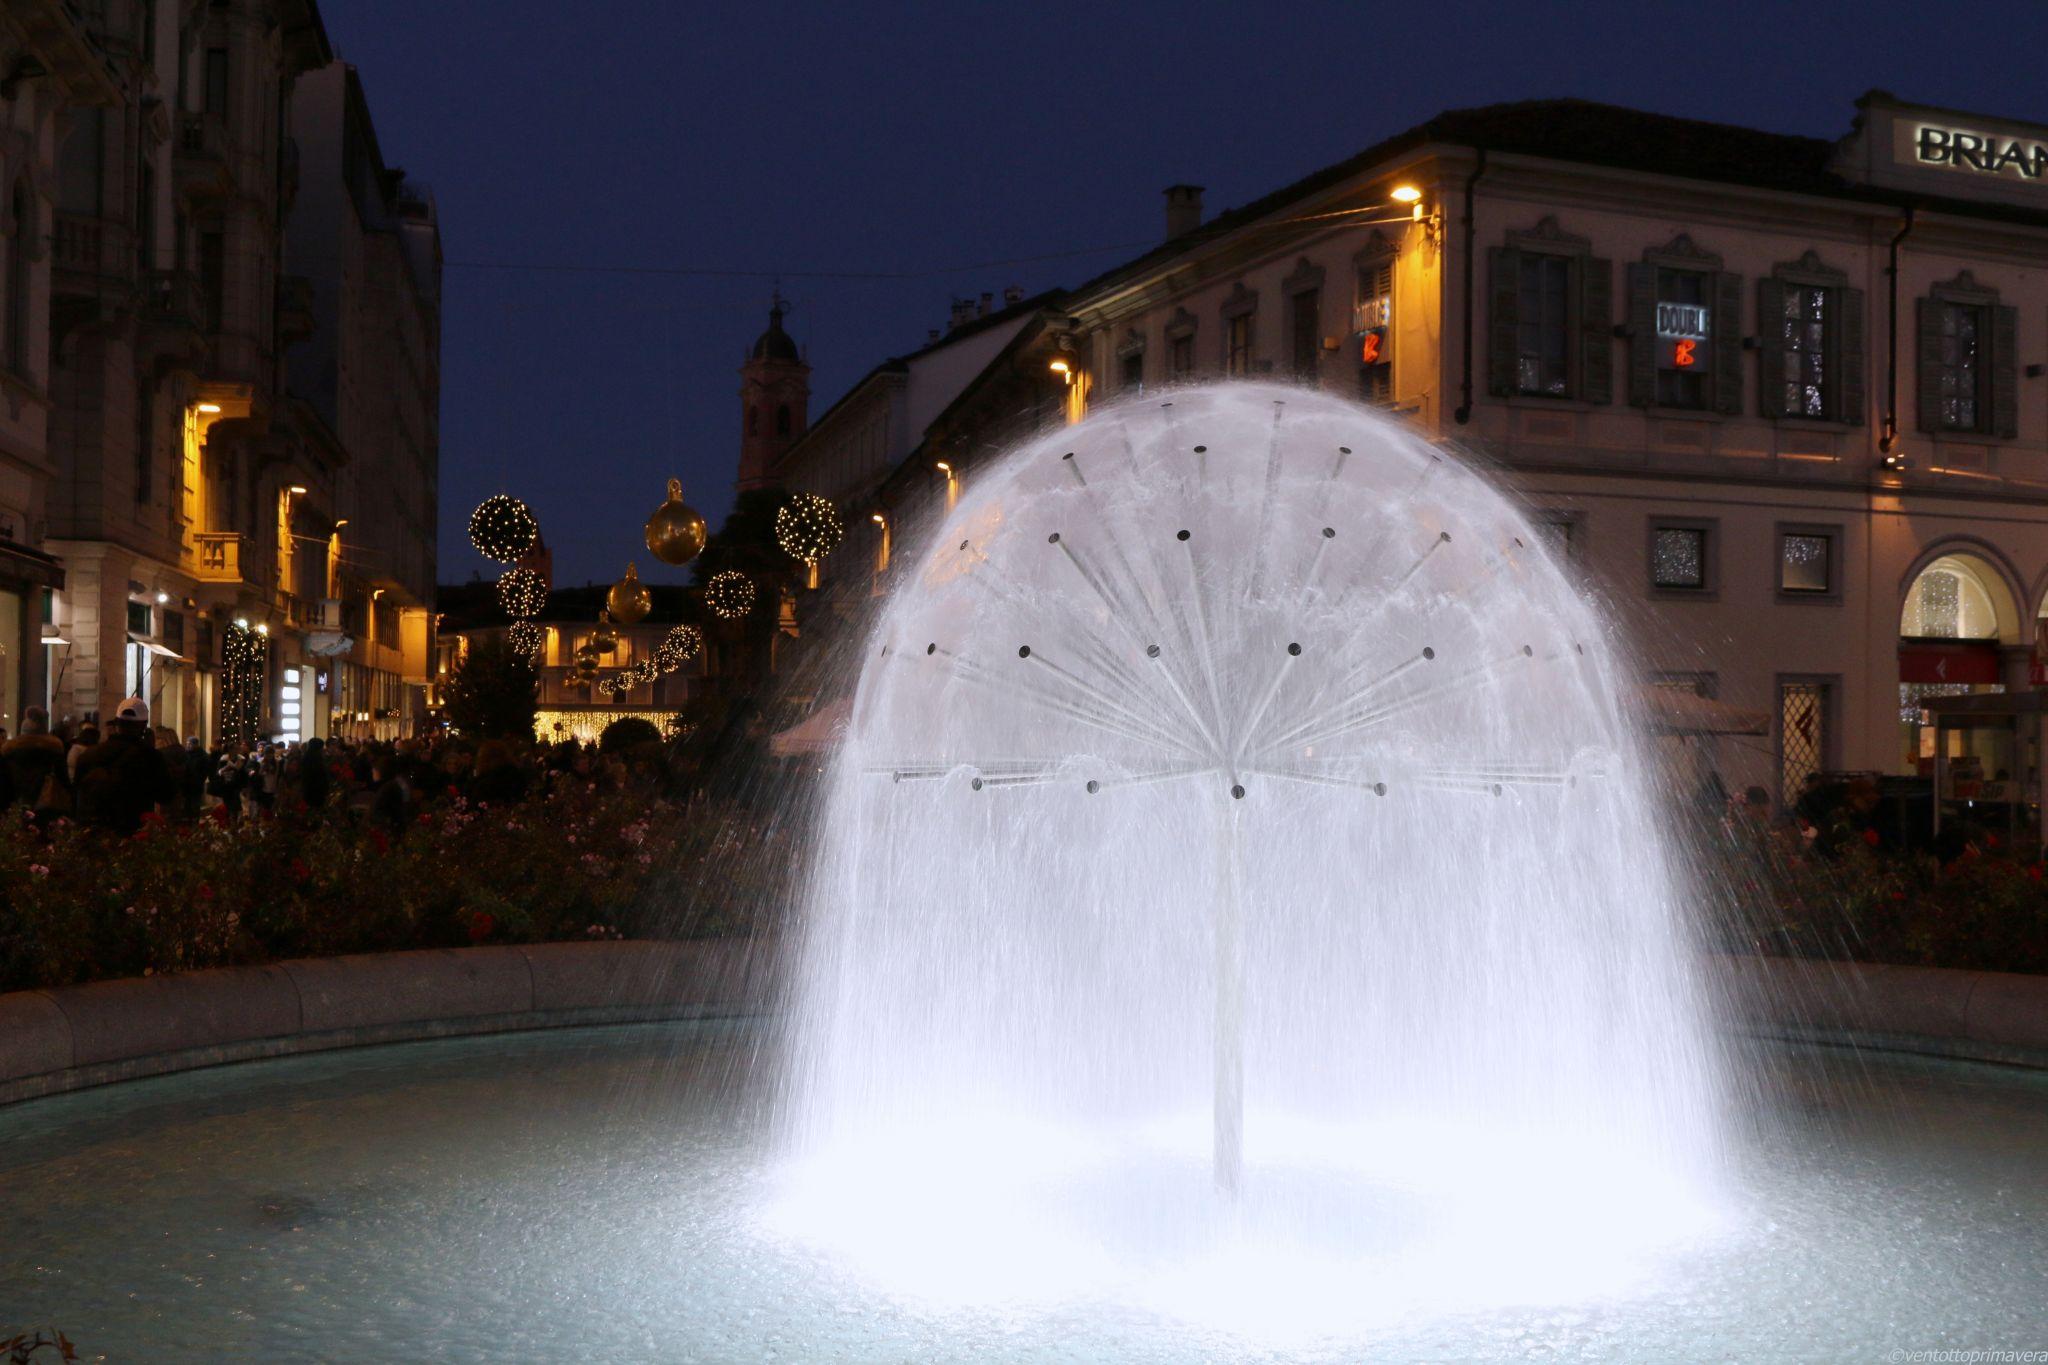 Monza Fountain, Italy